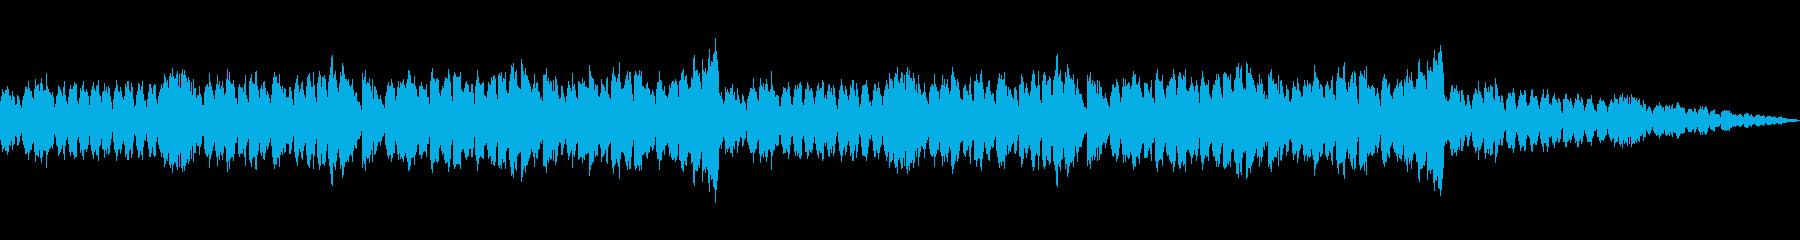 メルヘンで可愛らしいクリスマスBGMの再生済みの波形